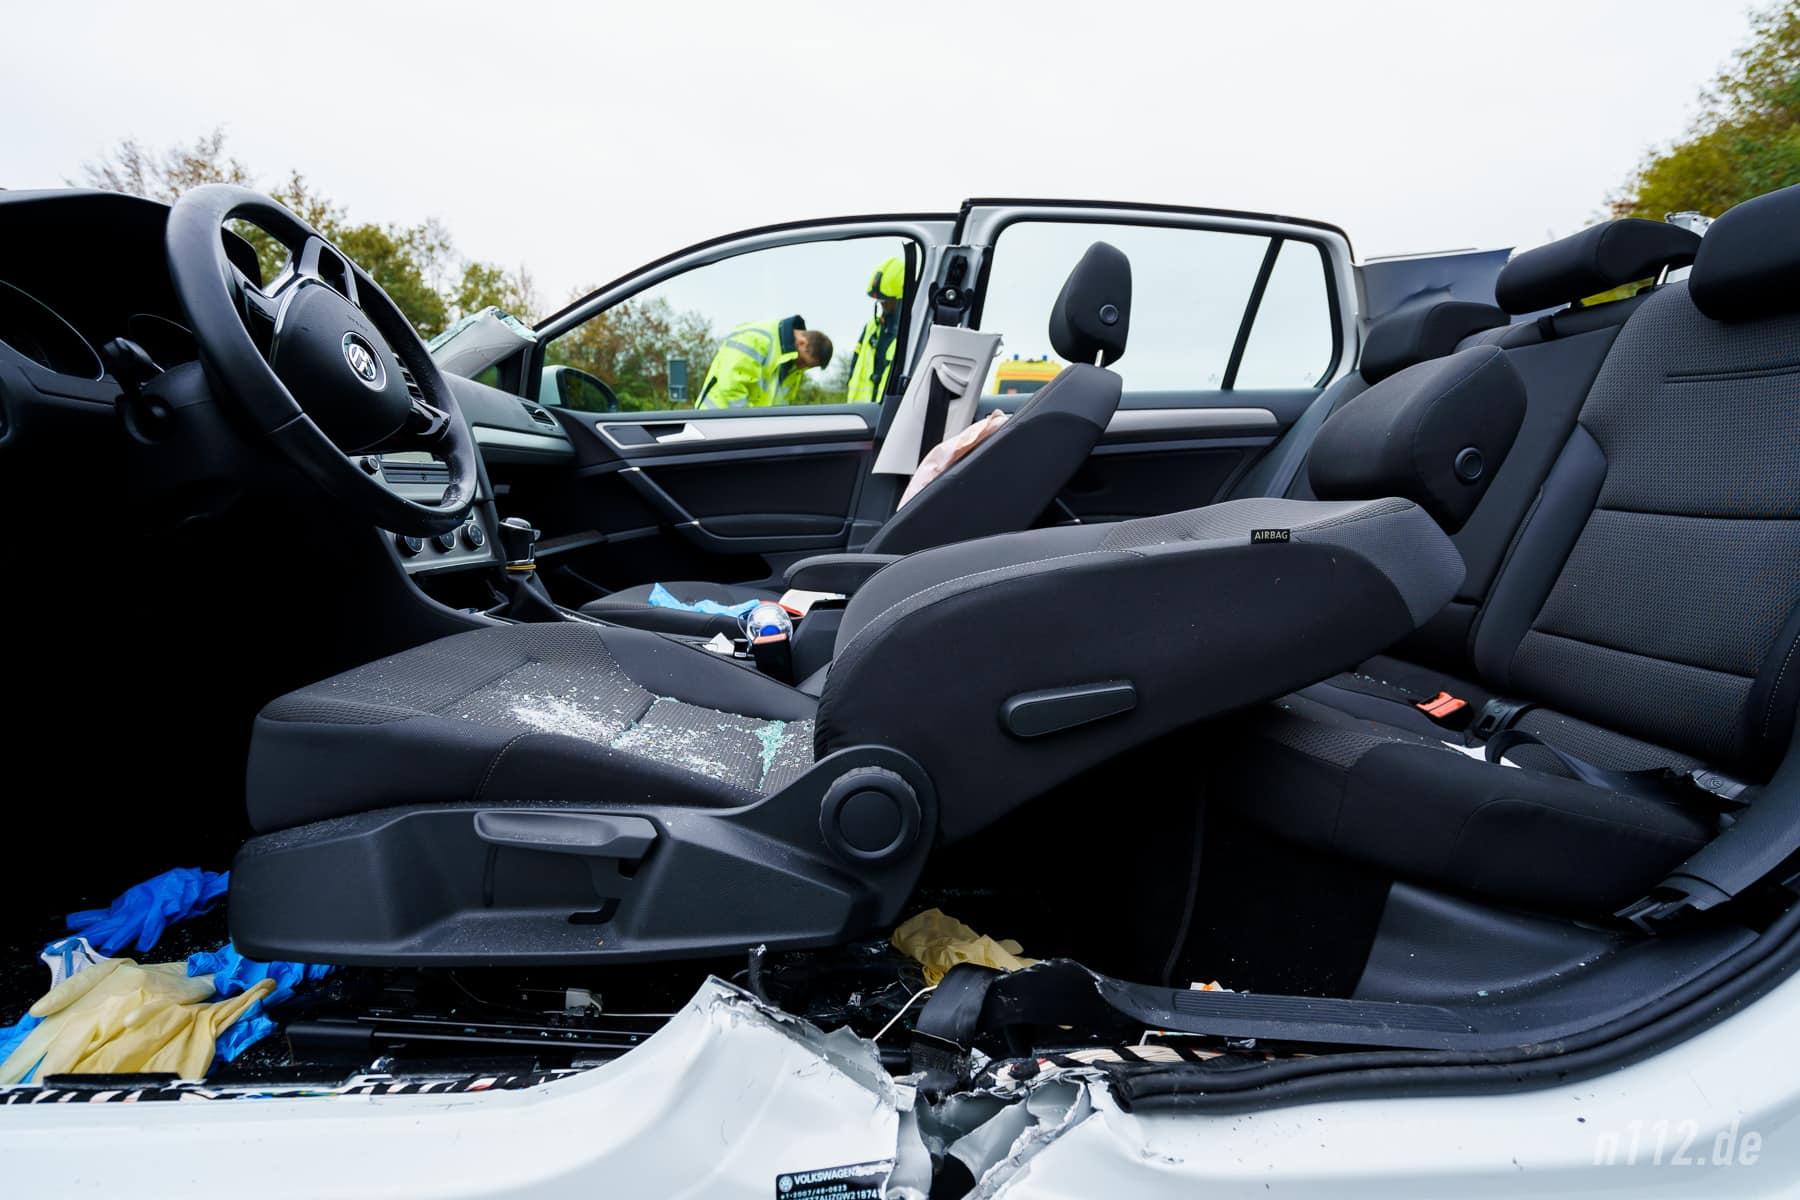 Der Fahrersitz ist komplett nach hinten umgeklappt worden, um das Spineboard unter den Verletzten schieben zu können (Foto: n112.de/Stefan Simonsen)